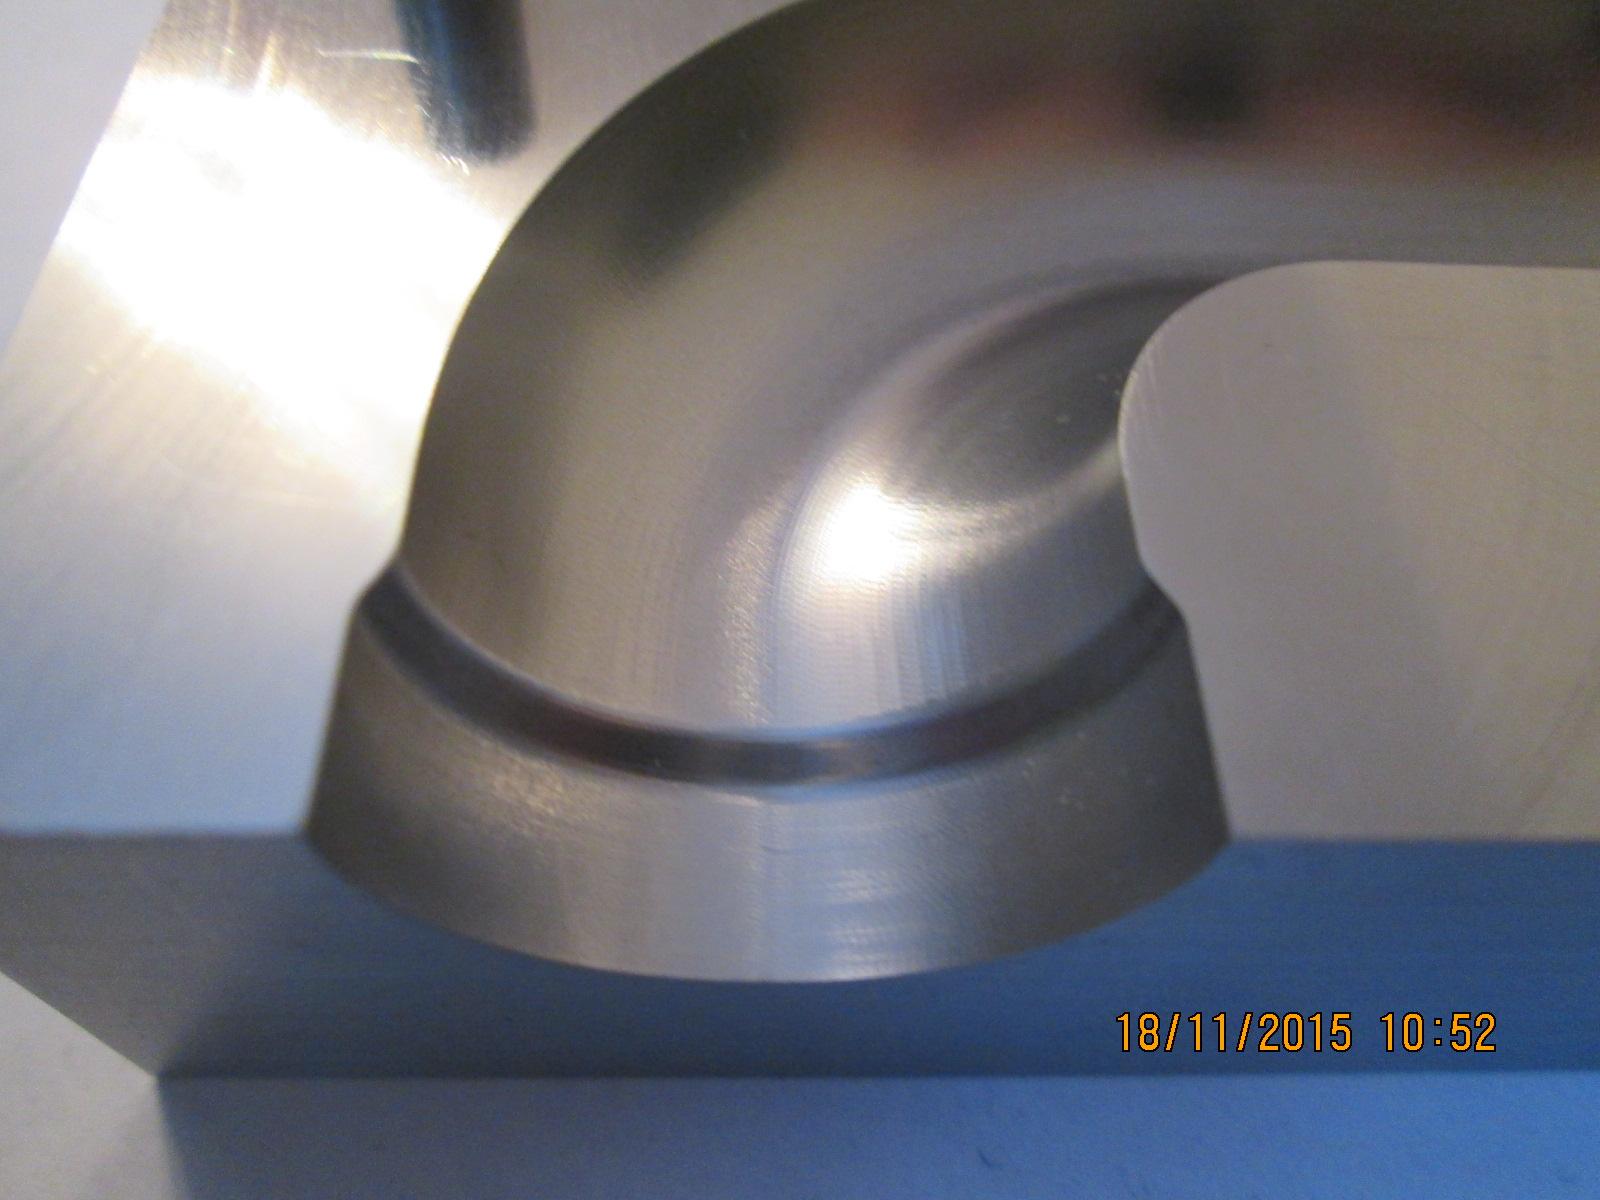 полу матрица, матрица, пуансон, изготовление матриц, изготовление пуансонов, производство матриц, производство пуансонов, производители матриц, производители пуансонов, механическая обработка металлов